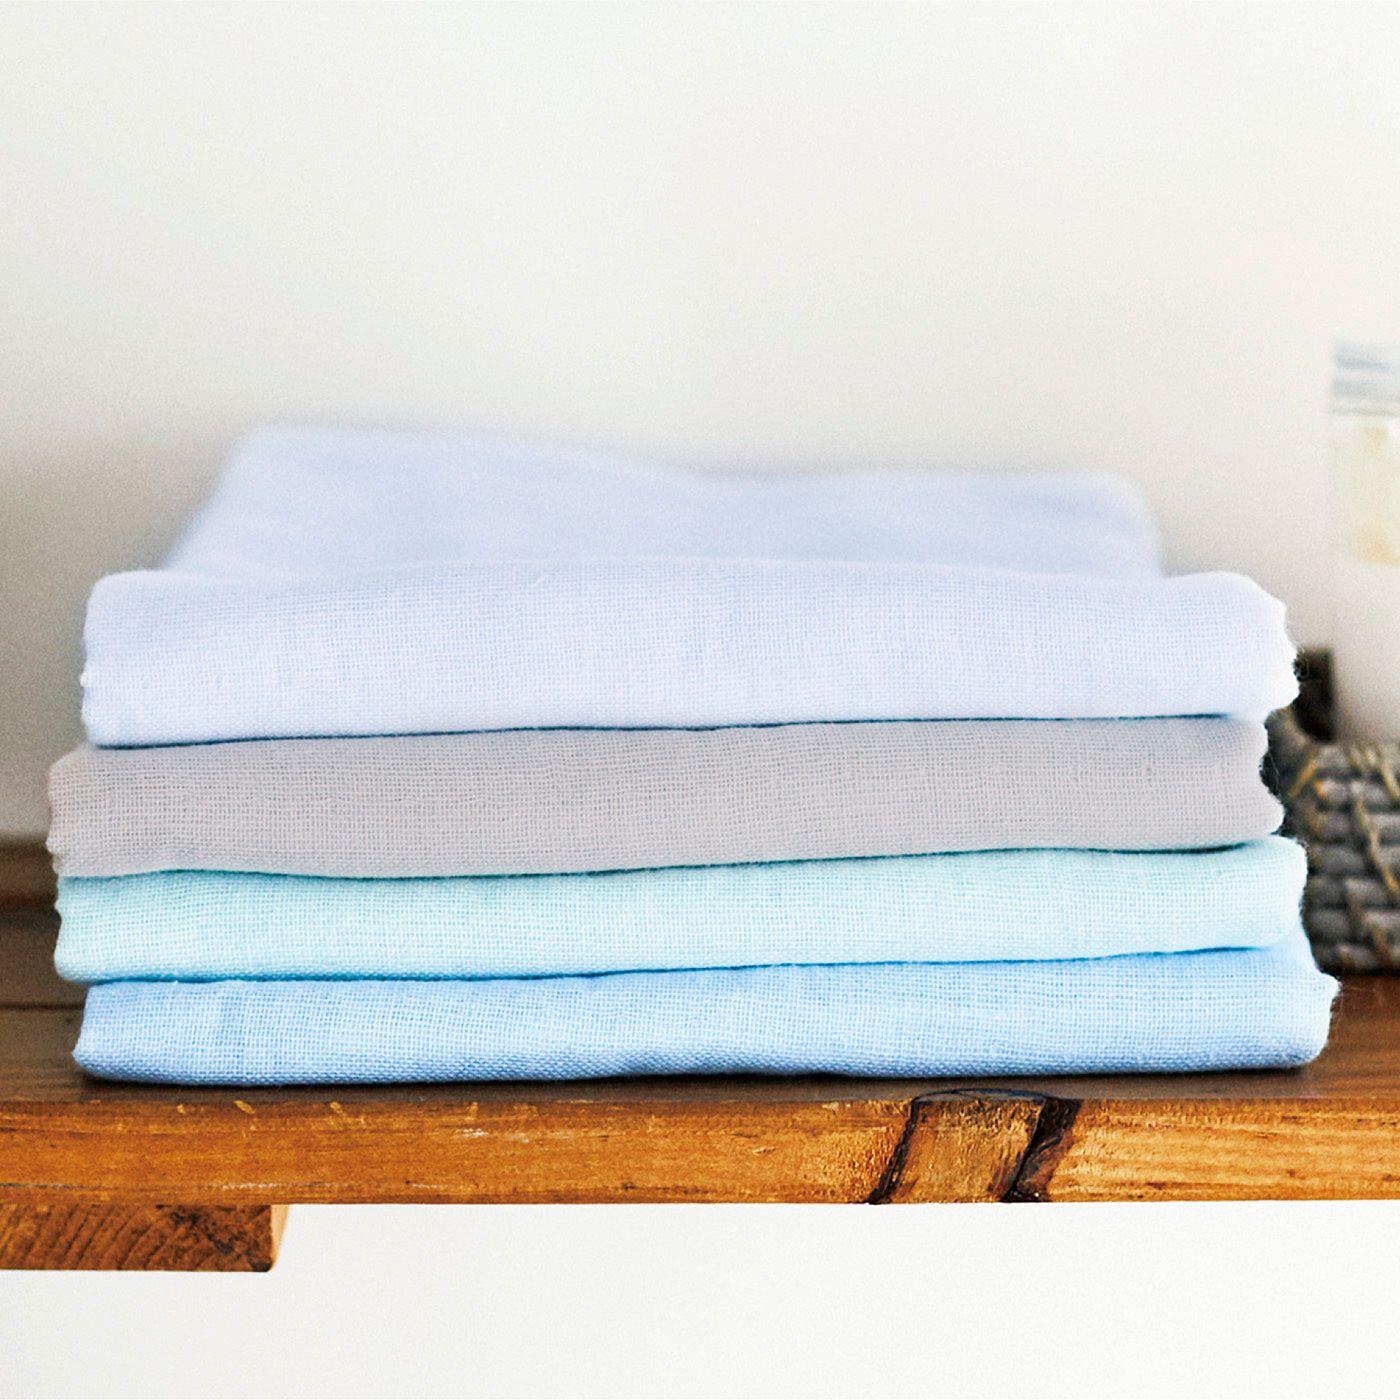 一般のバスタオルと比べると収納場所を取らず、積むだけでグラデーションが様になる4色です。